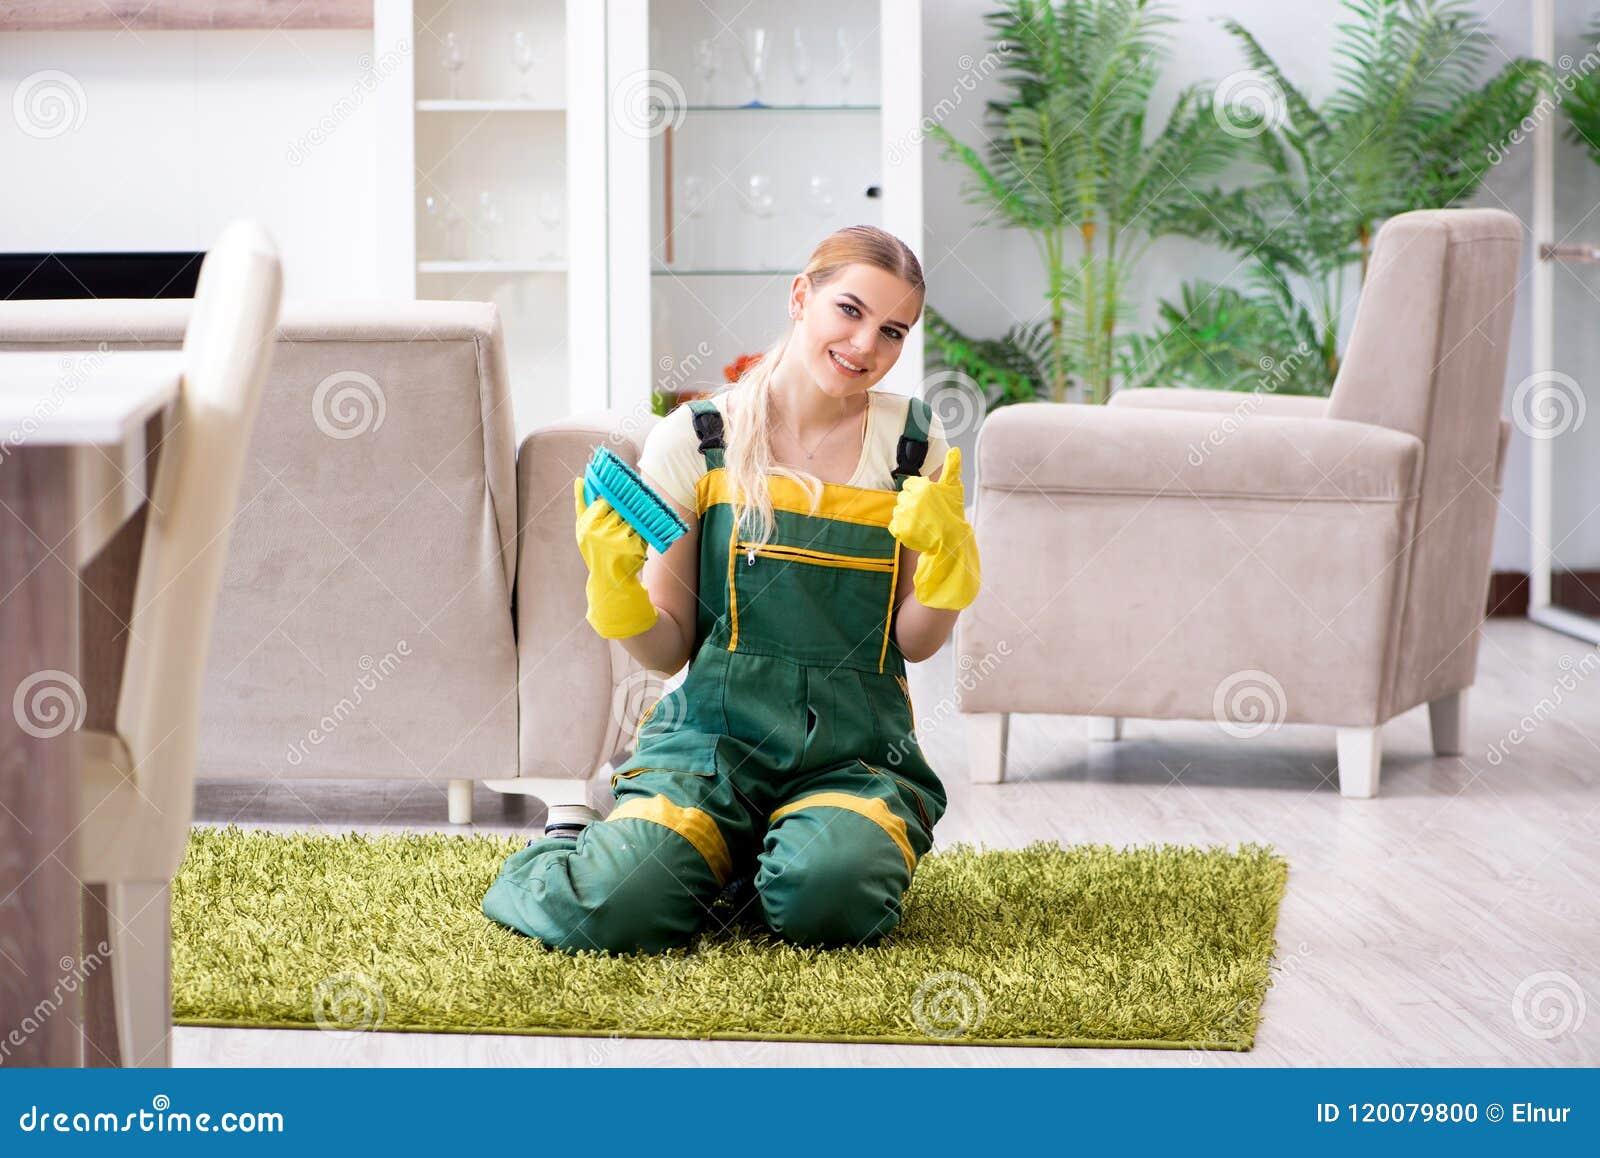 Ο επαγγελματικός θηλυκός καθαρότερος καθαρίζοντας τάπητας